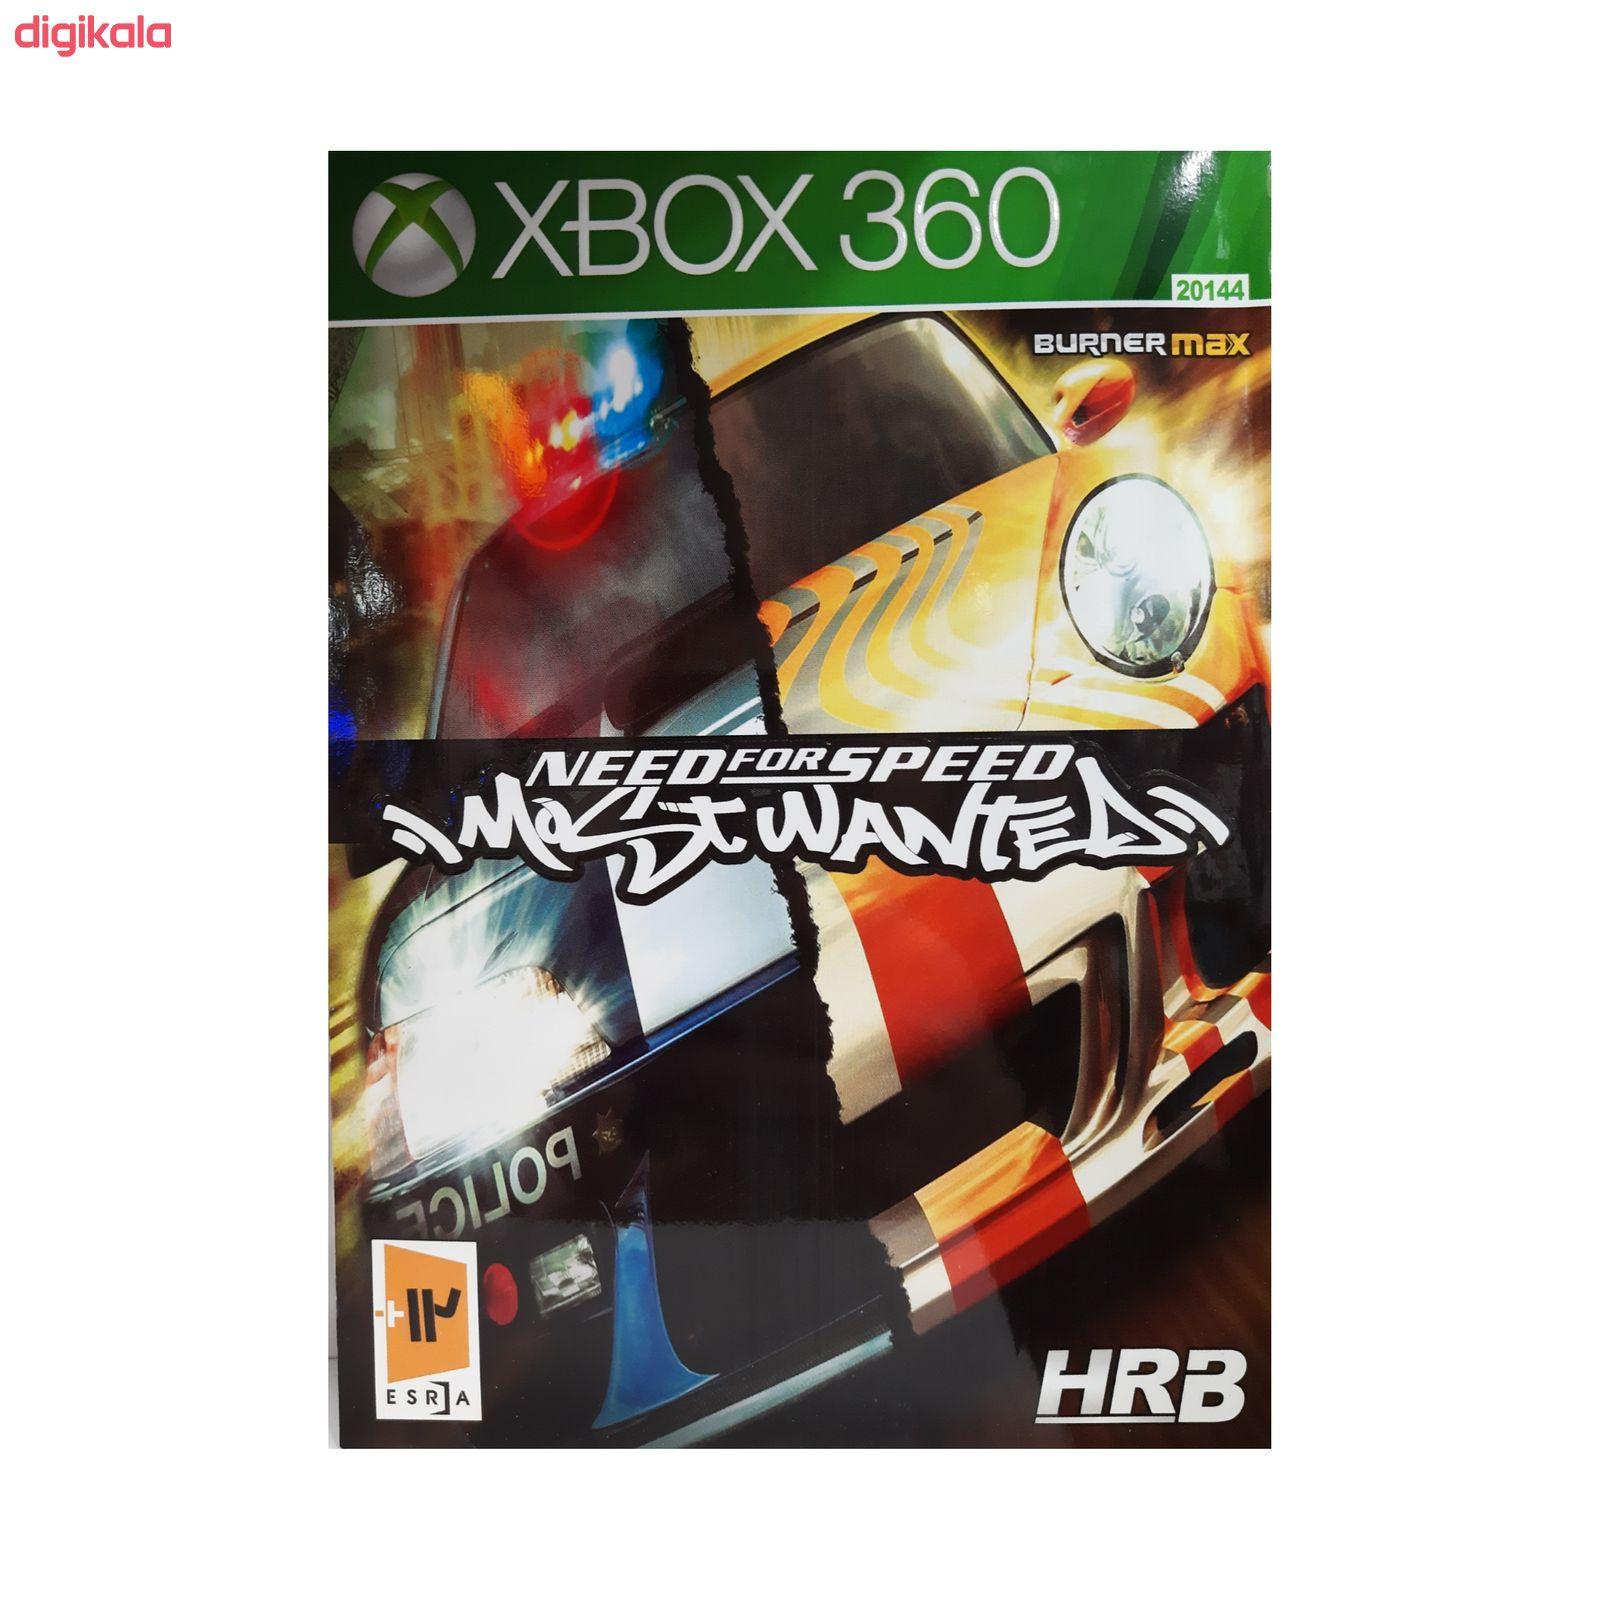 بازی Need for speed most wanted مخصوص xbox 360 main 1 1